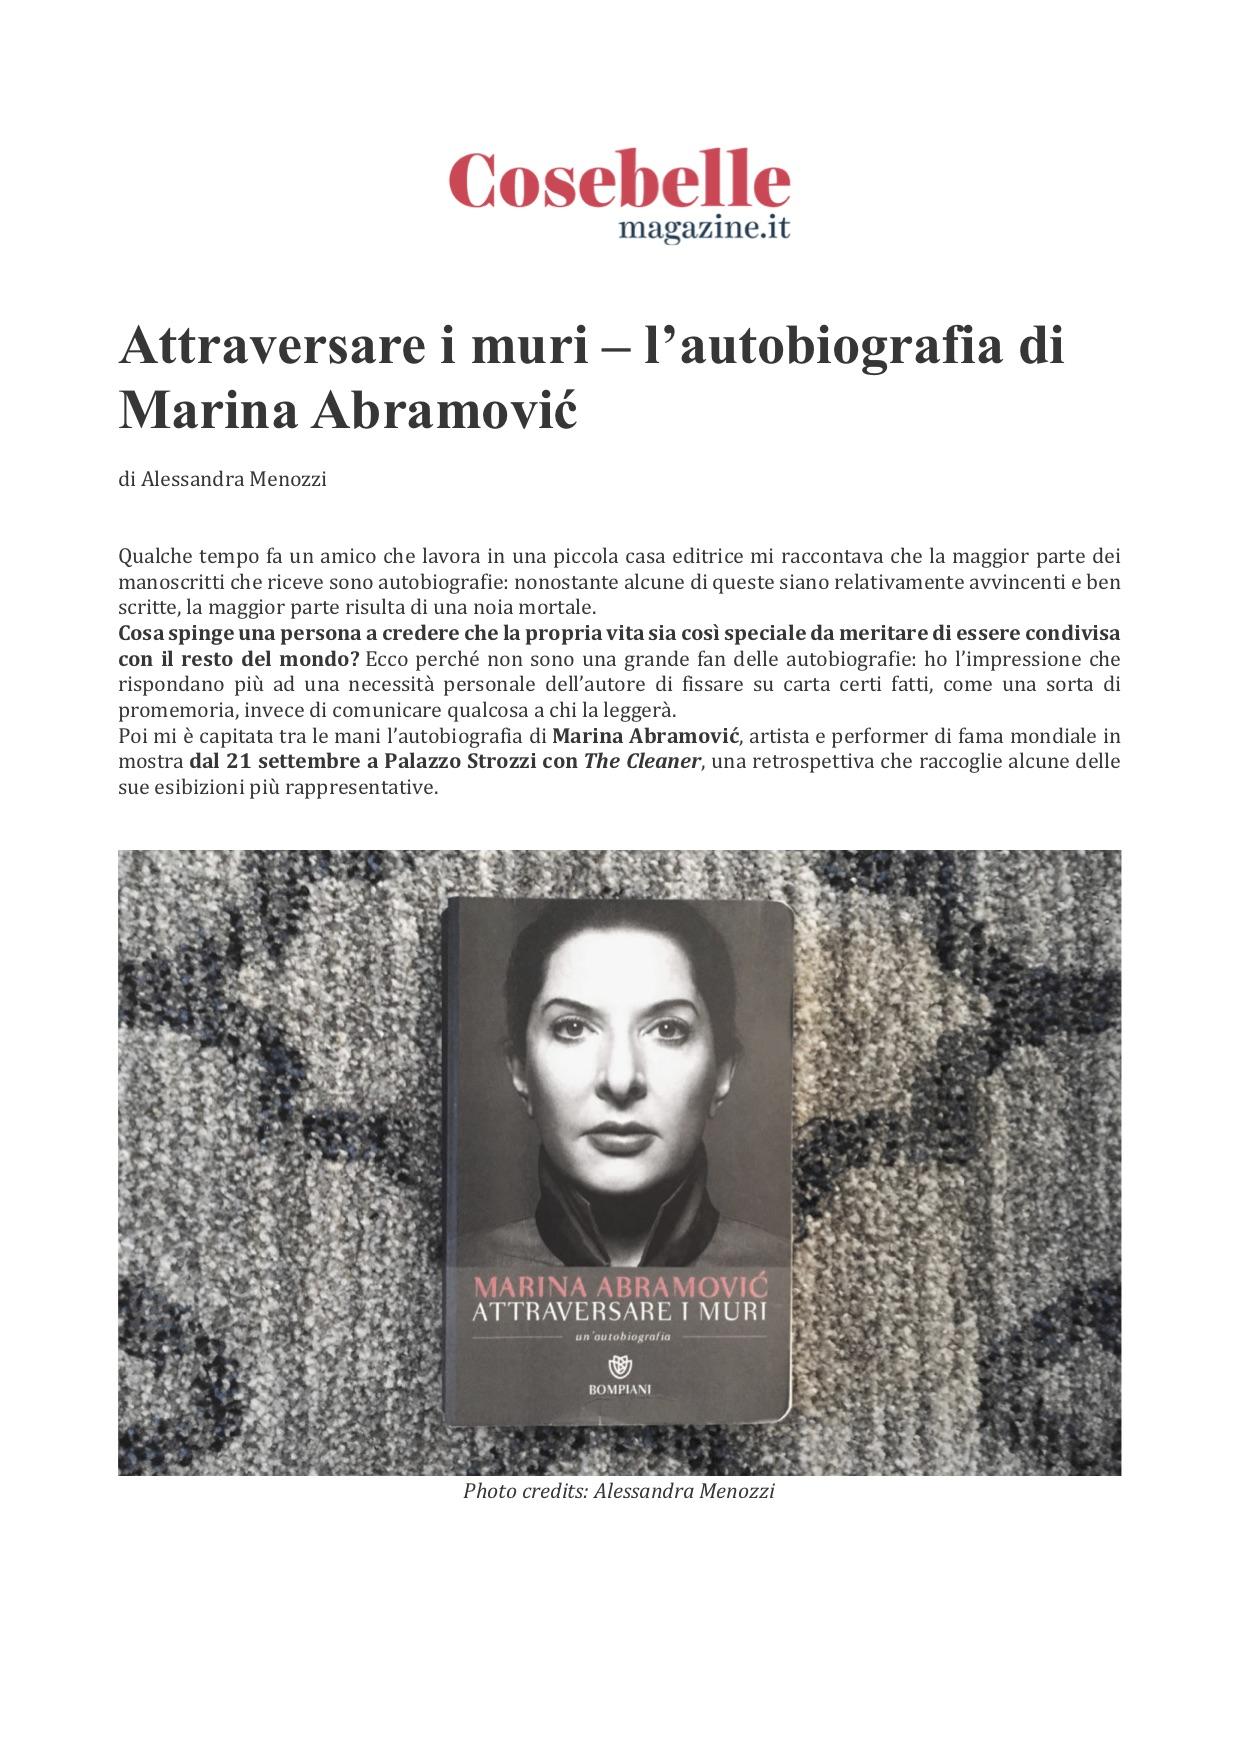 ATTRAVERSARE I MURI_01